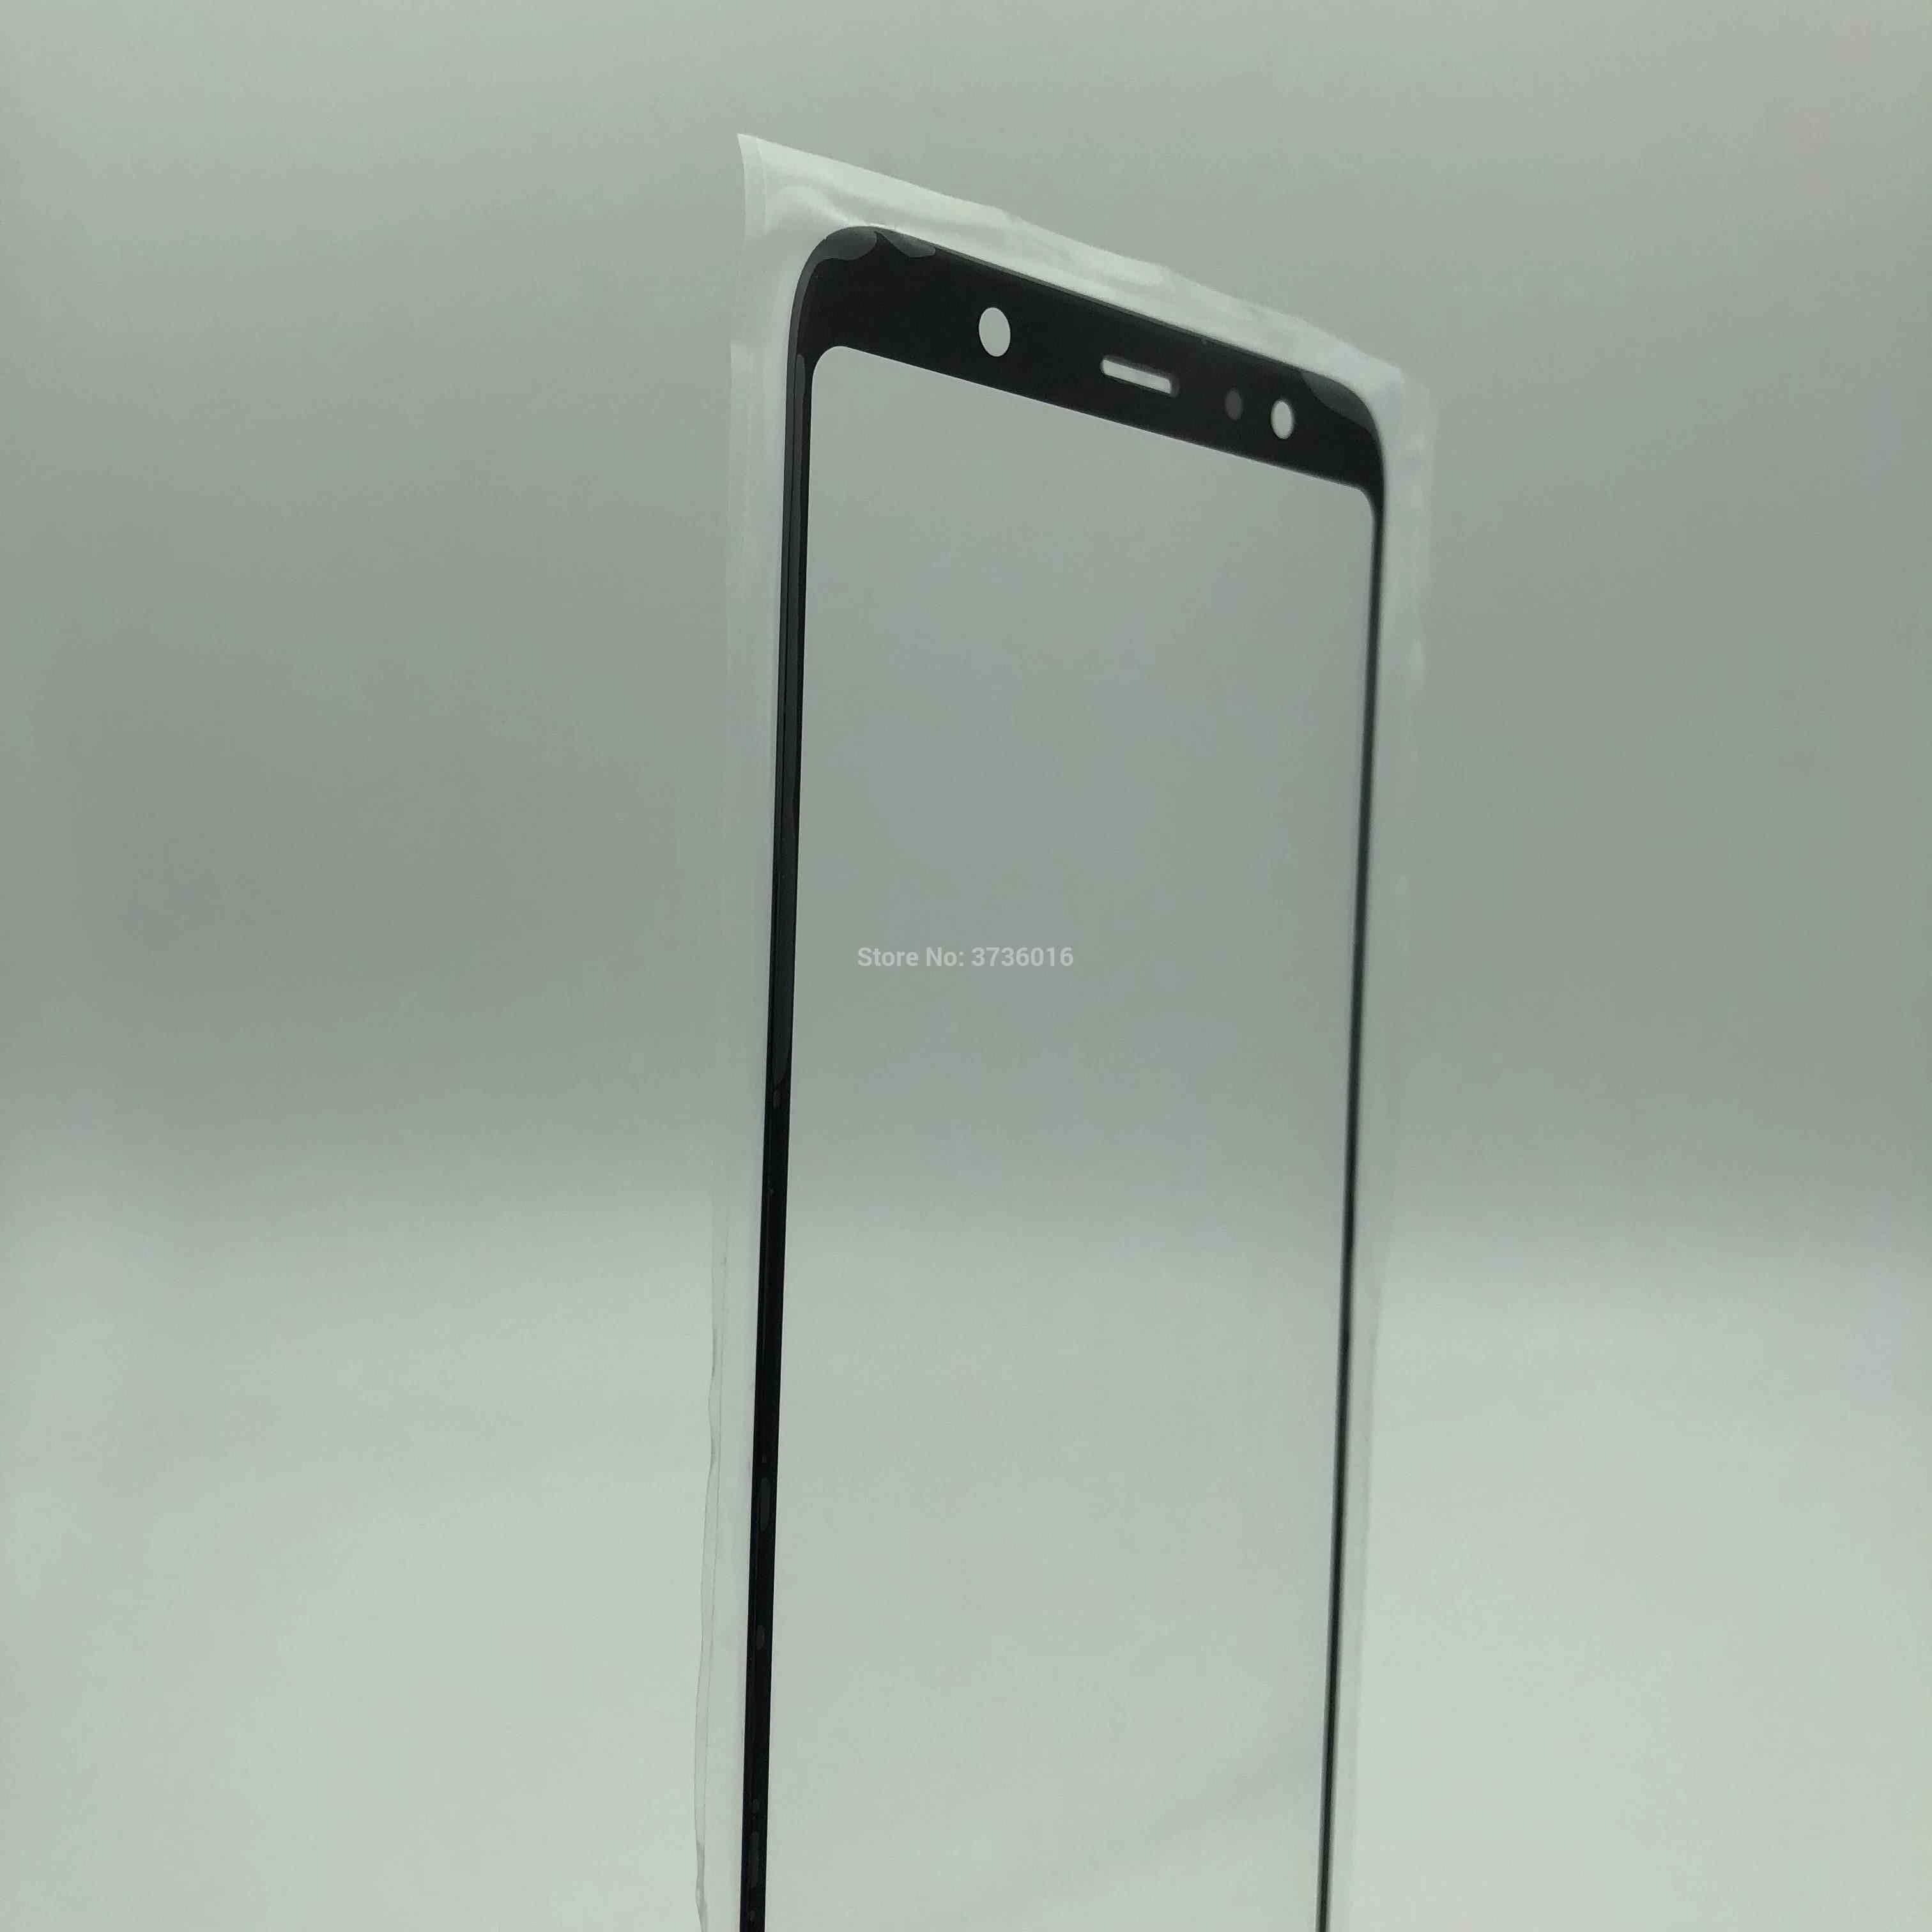 شاشة تعمل باللمس الزجاج الأمامي لوحة ل samsung A605 الكراك زجاج الشاشة استبدال إصلاح مع HD عرض اختبار قبل الشحن